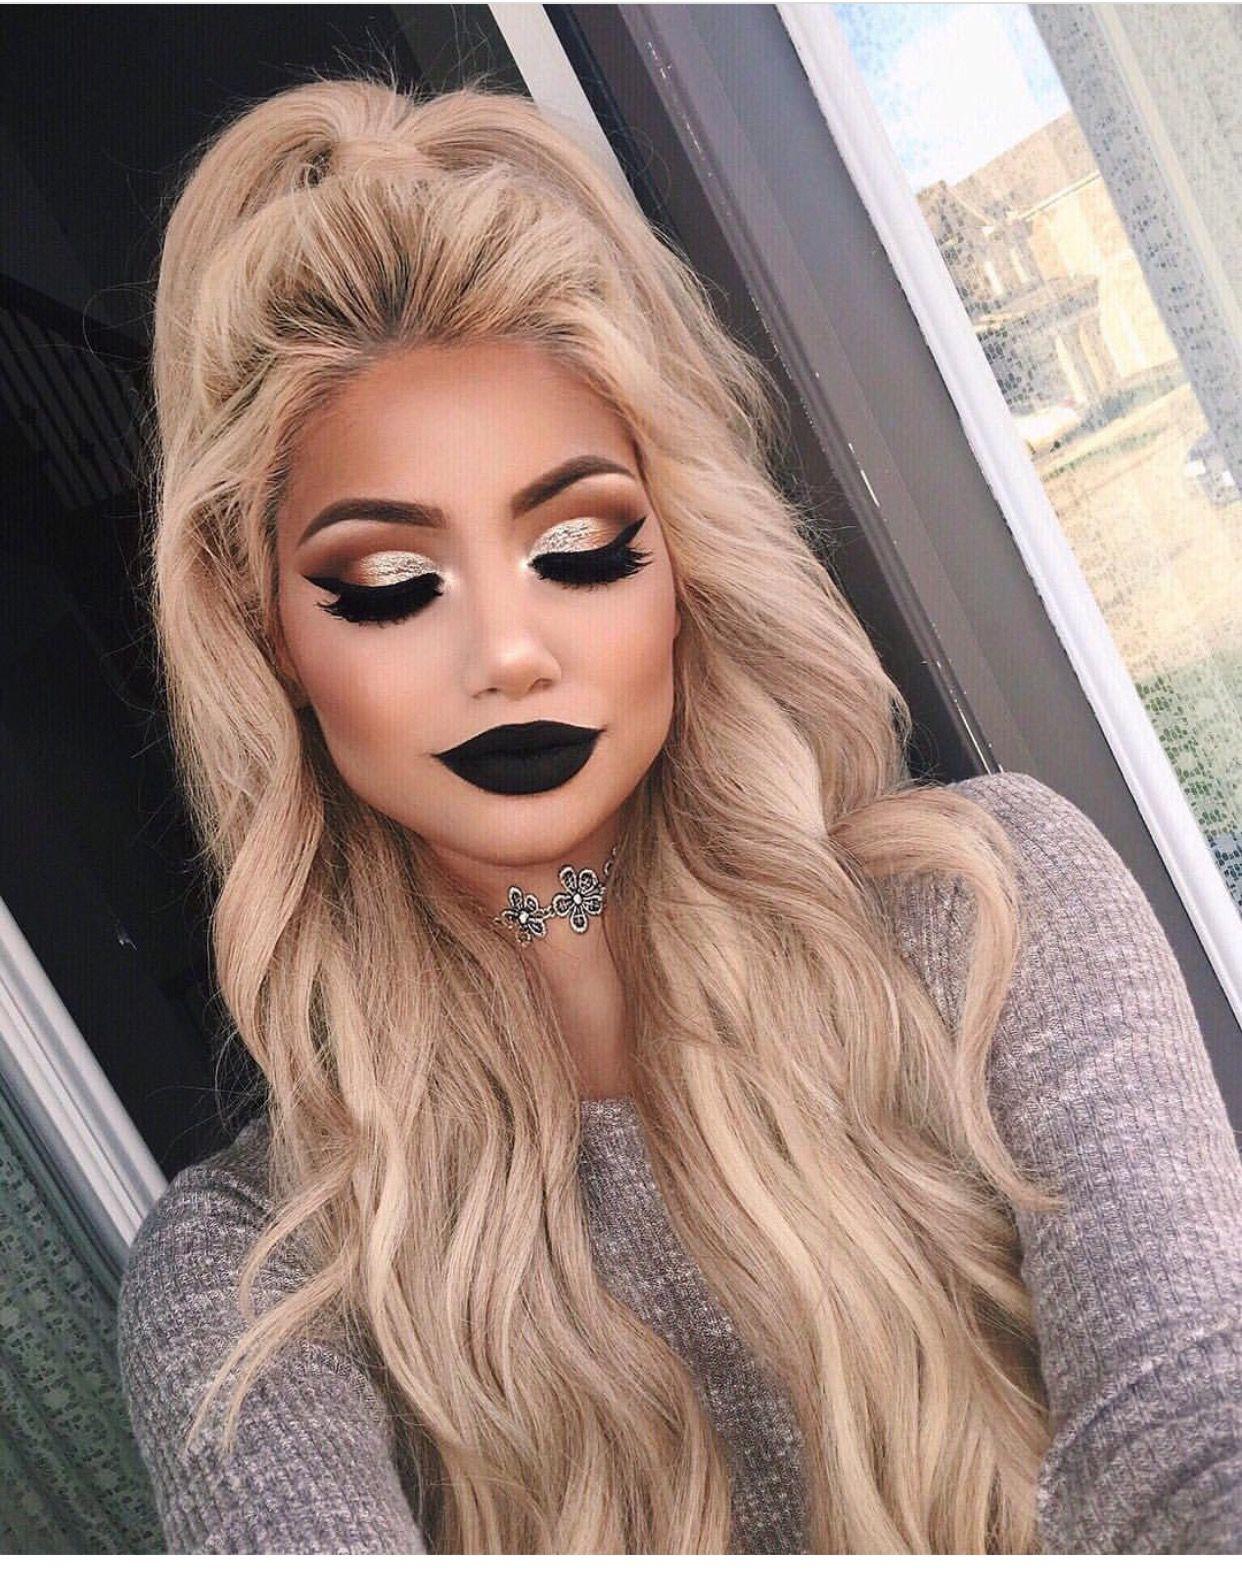 @makeupbyalinna Follow Her On Insta, Love Her Makeup And